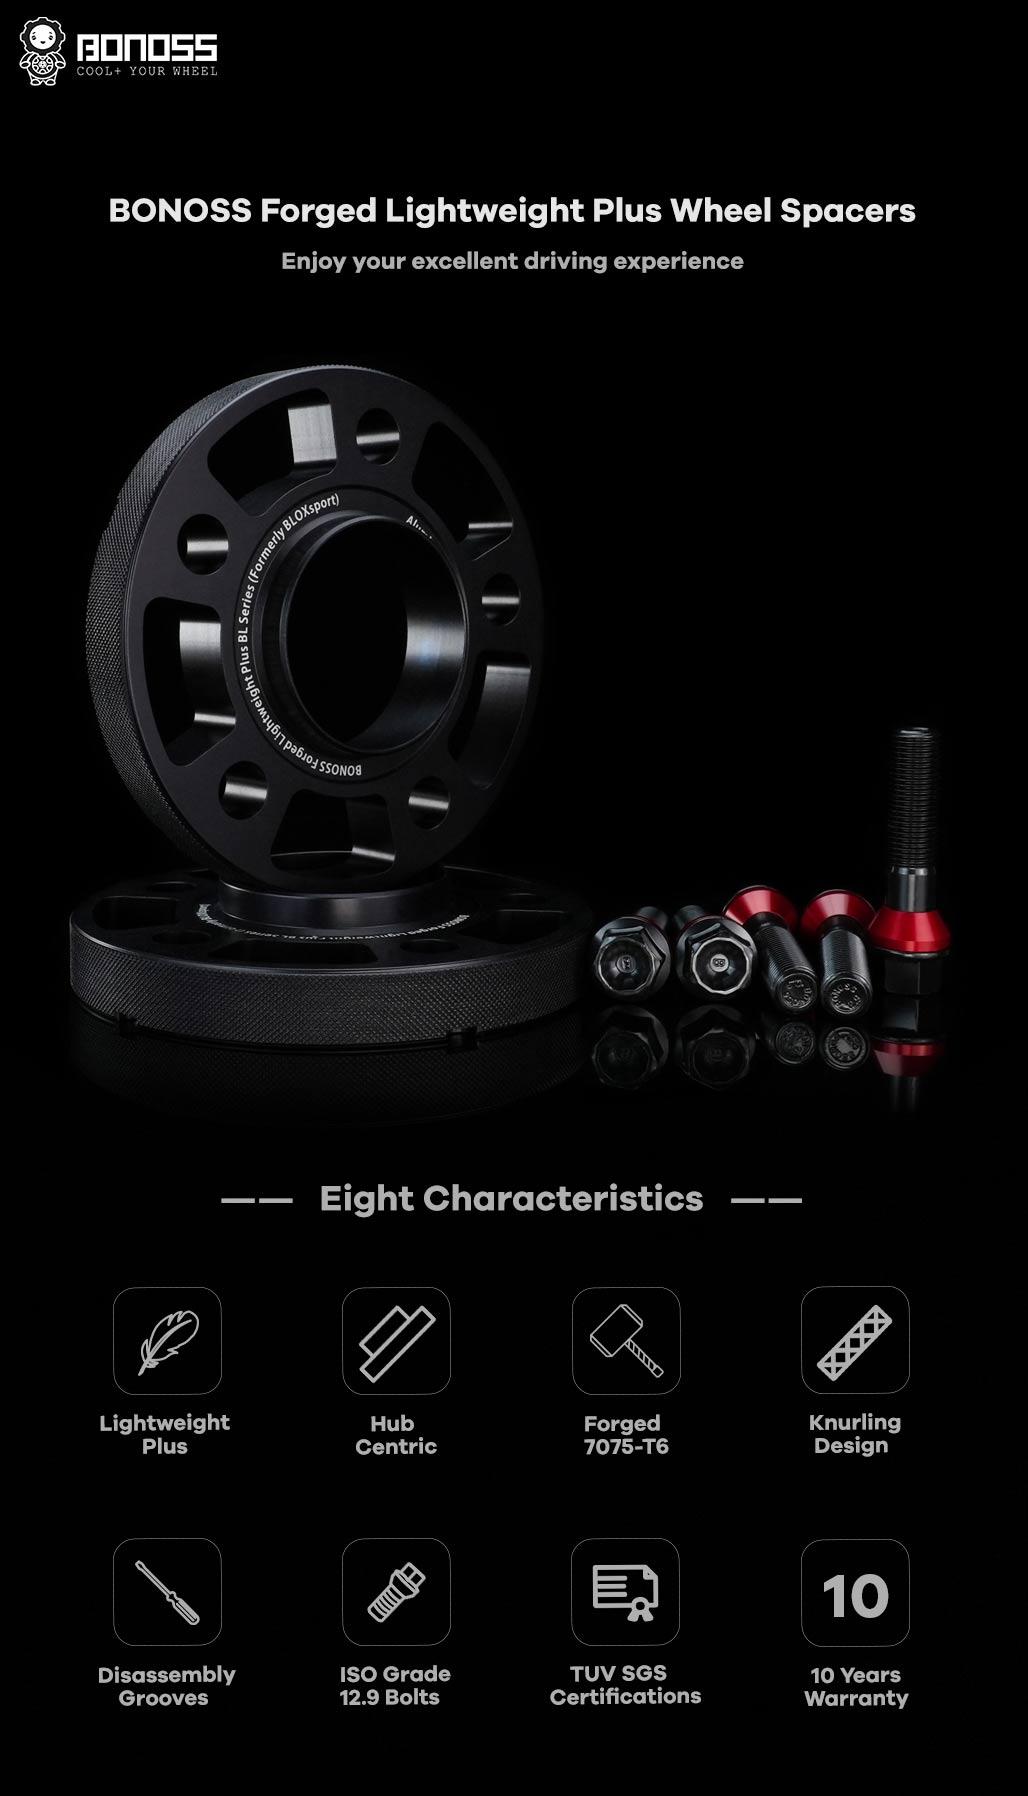 AL7075-T6-BONOSS-forged-lightweight-plus-wheel-spacers-by-lulu-1-1